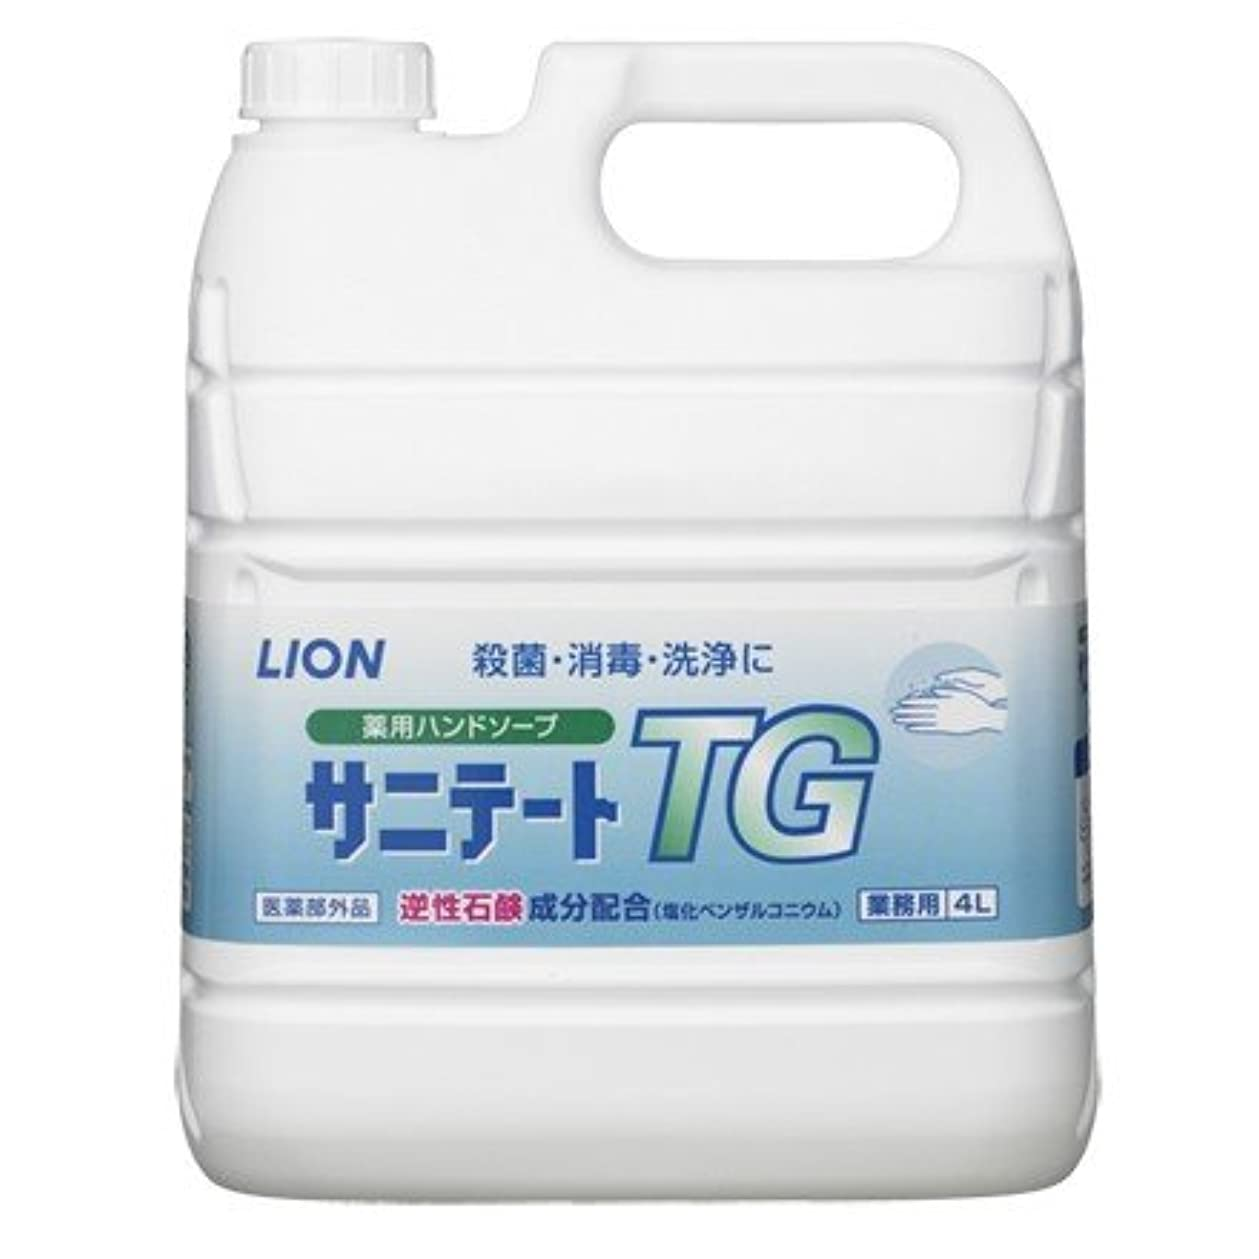 アマチュア米国アーティファクトライオン 薬用ハンドソープ サニテートTG 希釈タイプ(逆性石鹸)4L×2本入